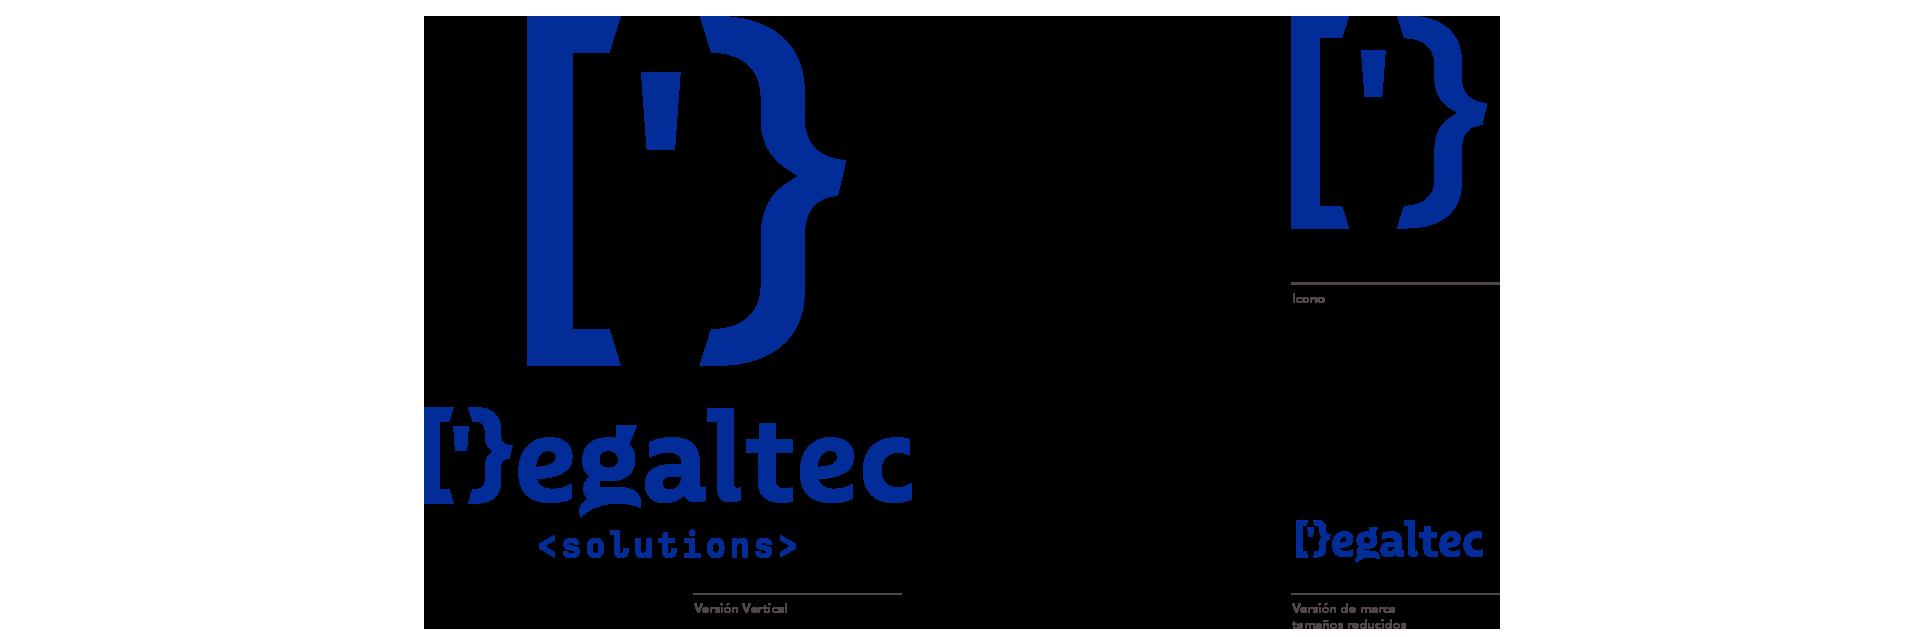 77250degaltec_versiones_logo